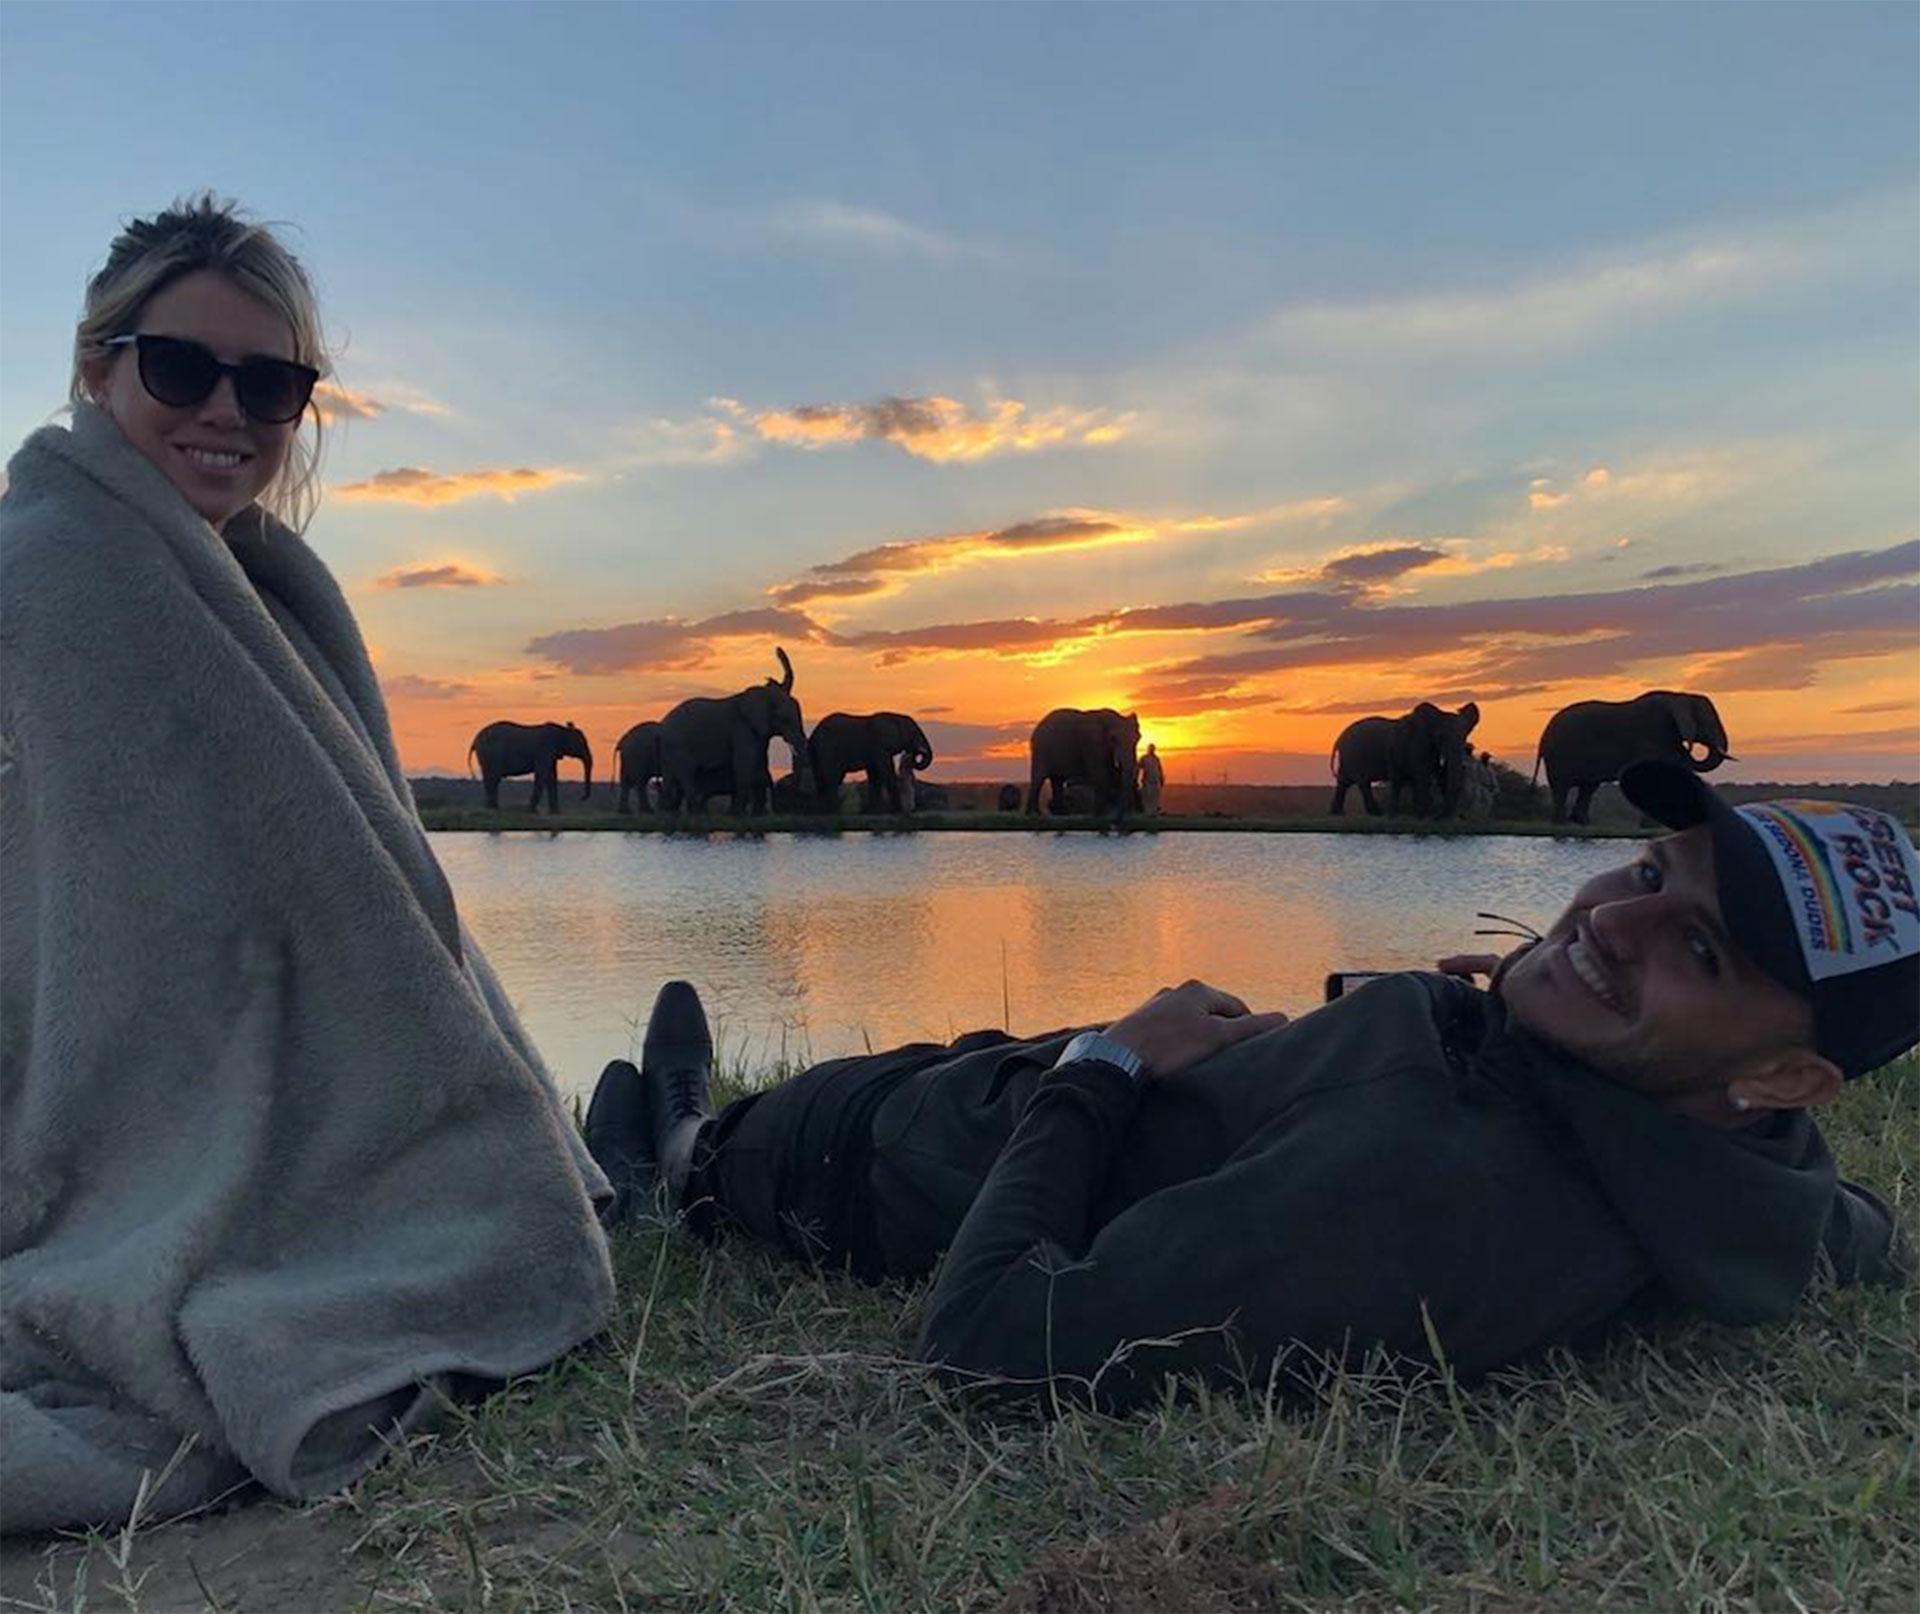 Juntos disfrutando del atardecer. (Foto: Instagram)